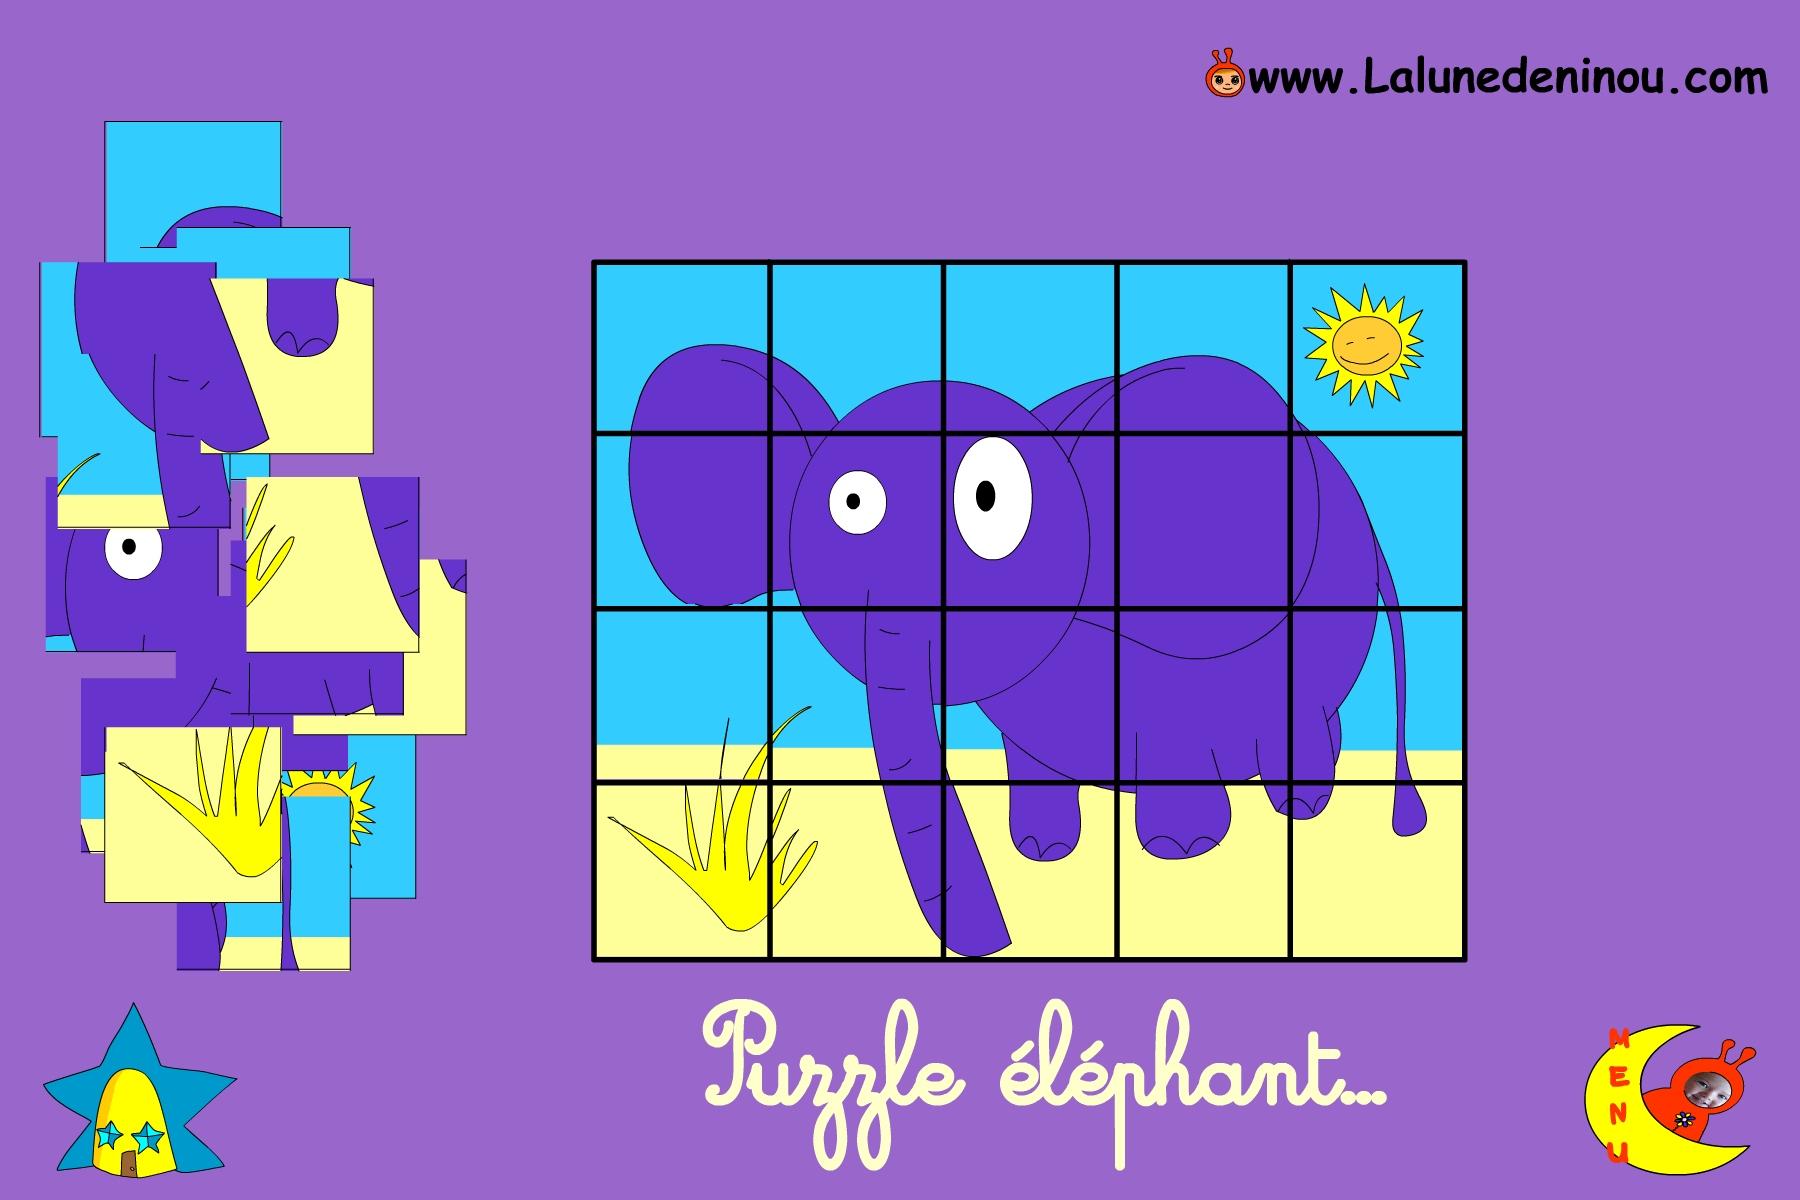 Puzzle En Ligne Pour Enfant De Maternelle - Lalunedeninou pour Puzzle Gratuit Enfant